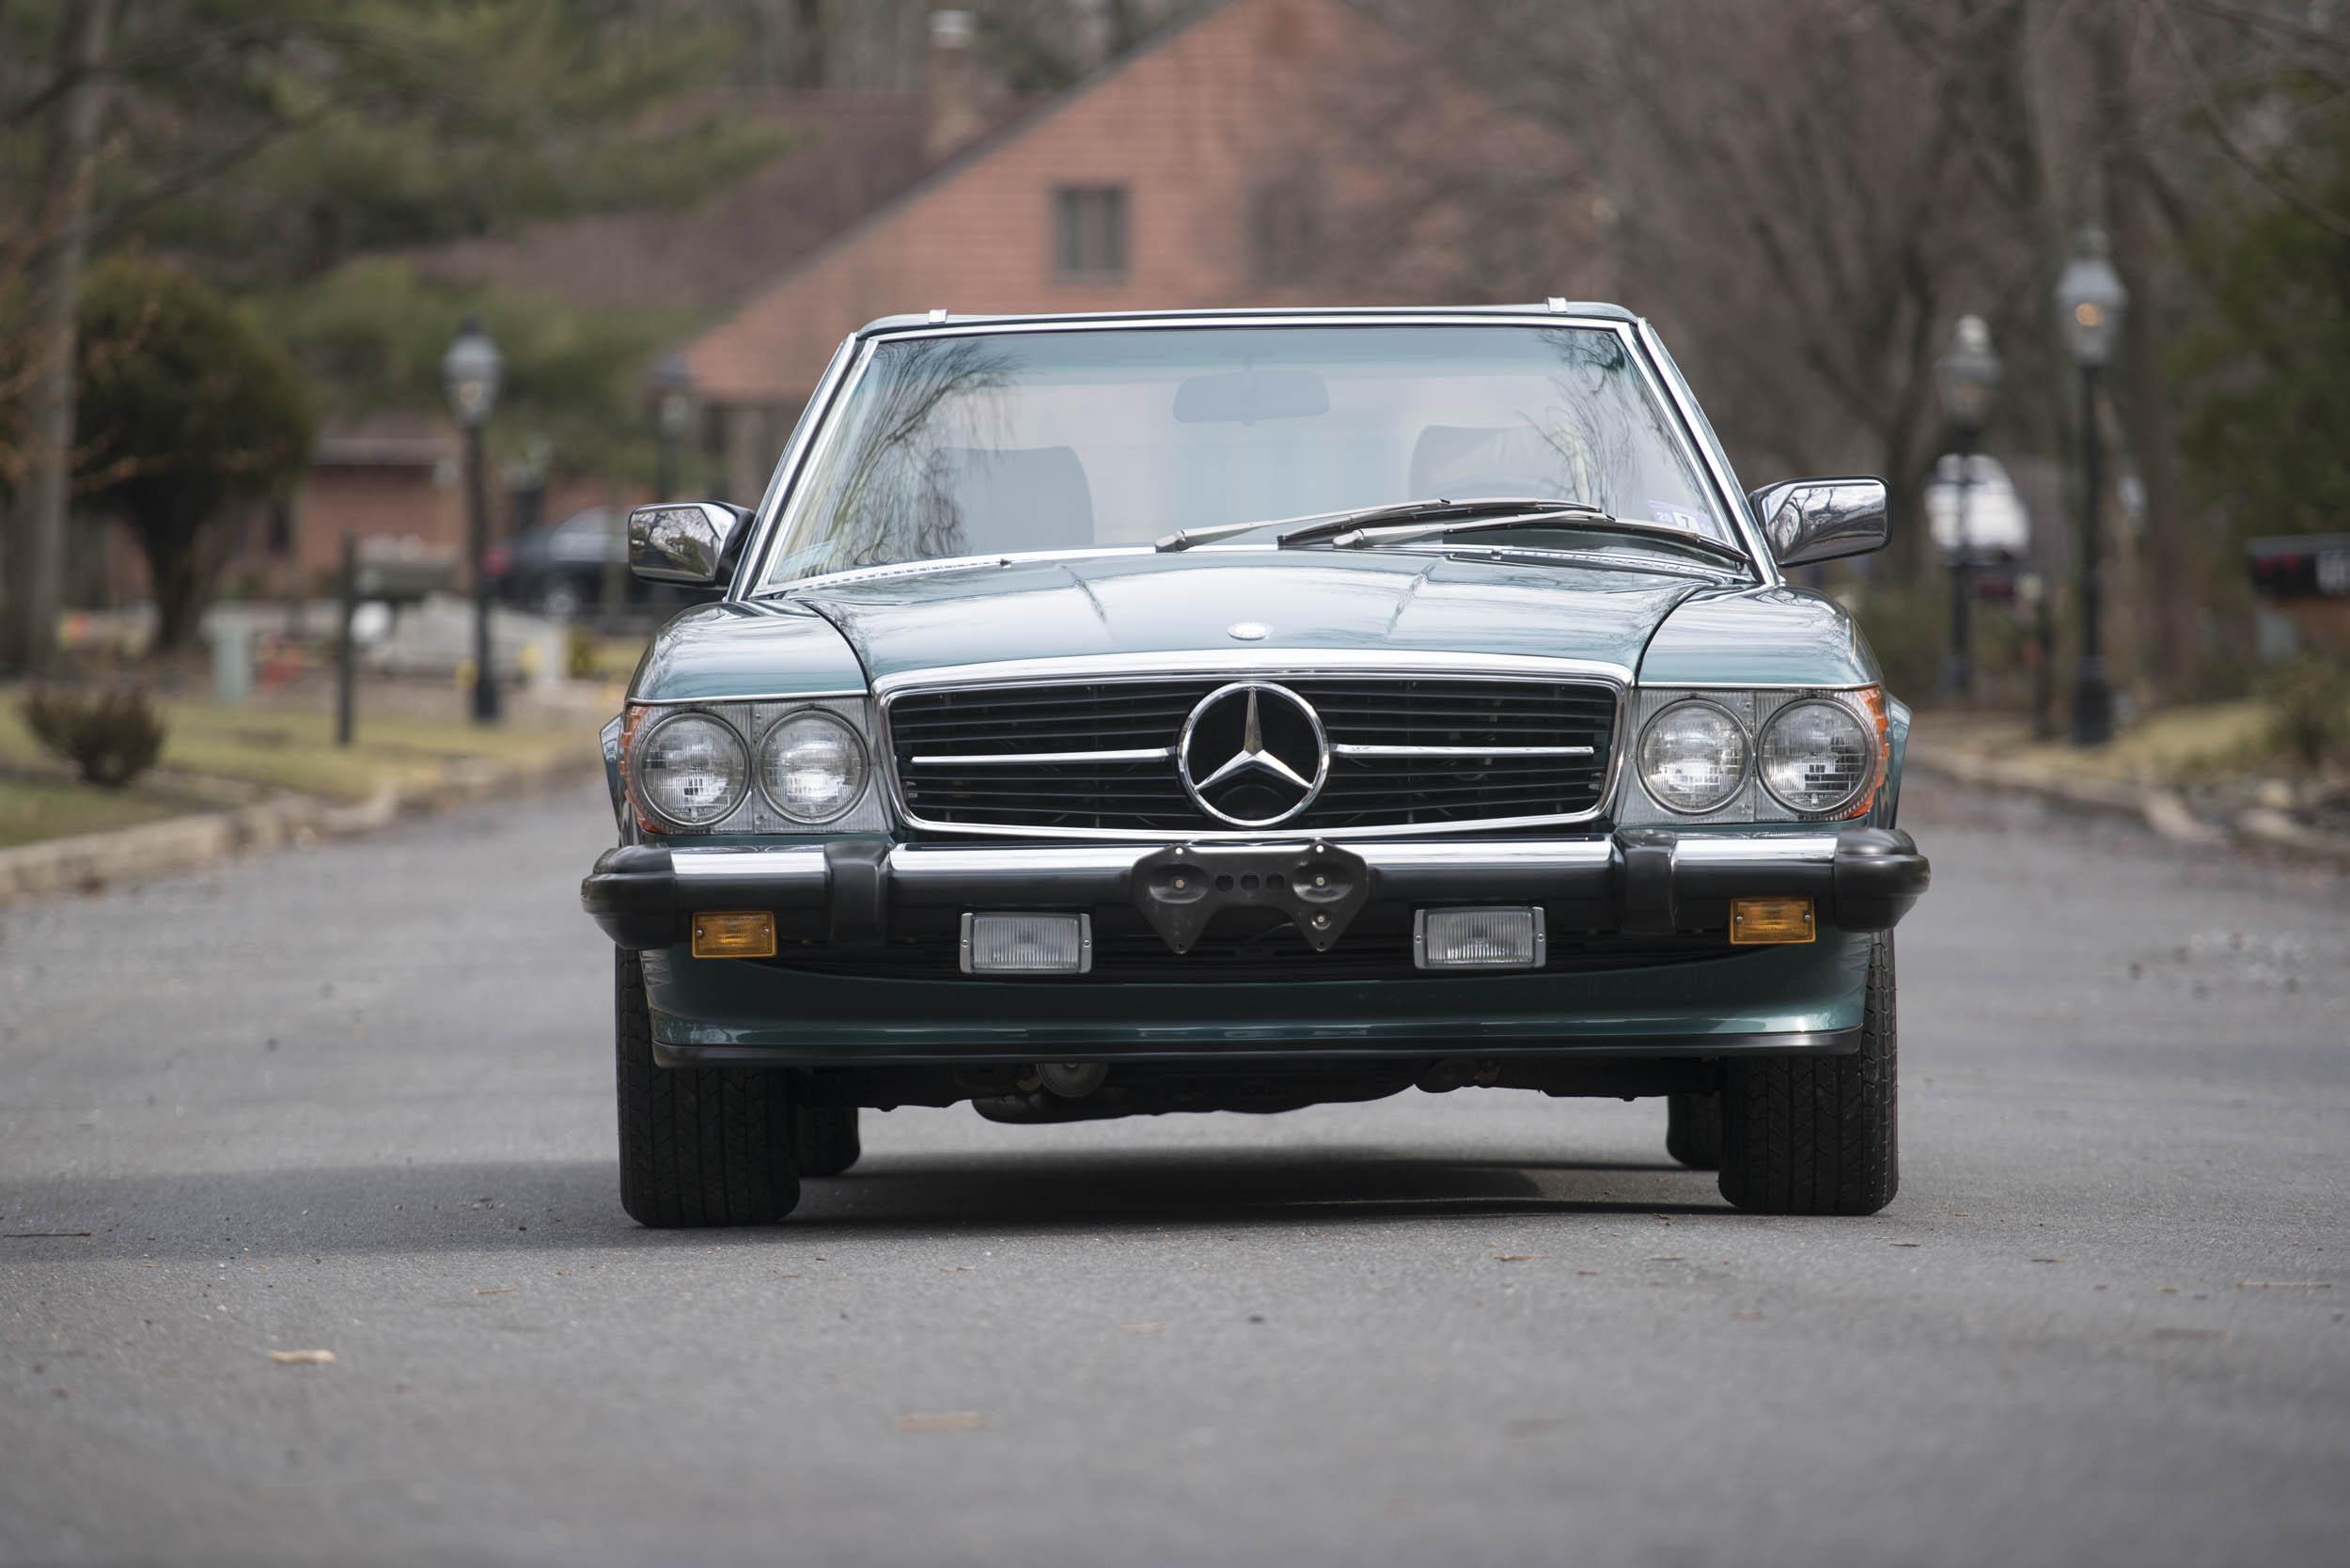 1988 Mercedes-Benz 560 SL front